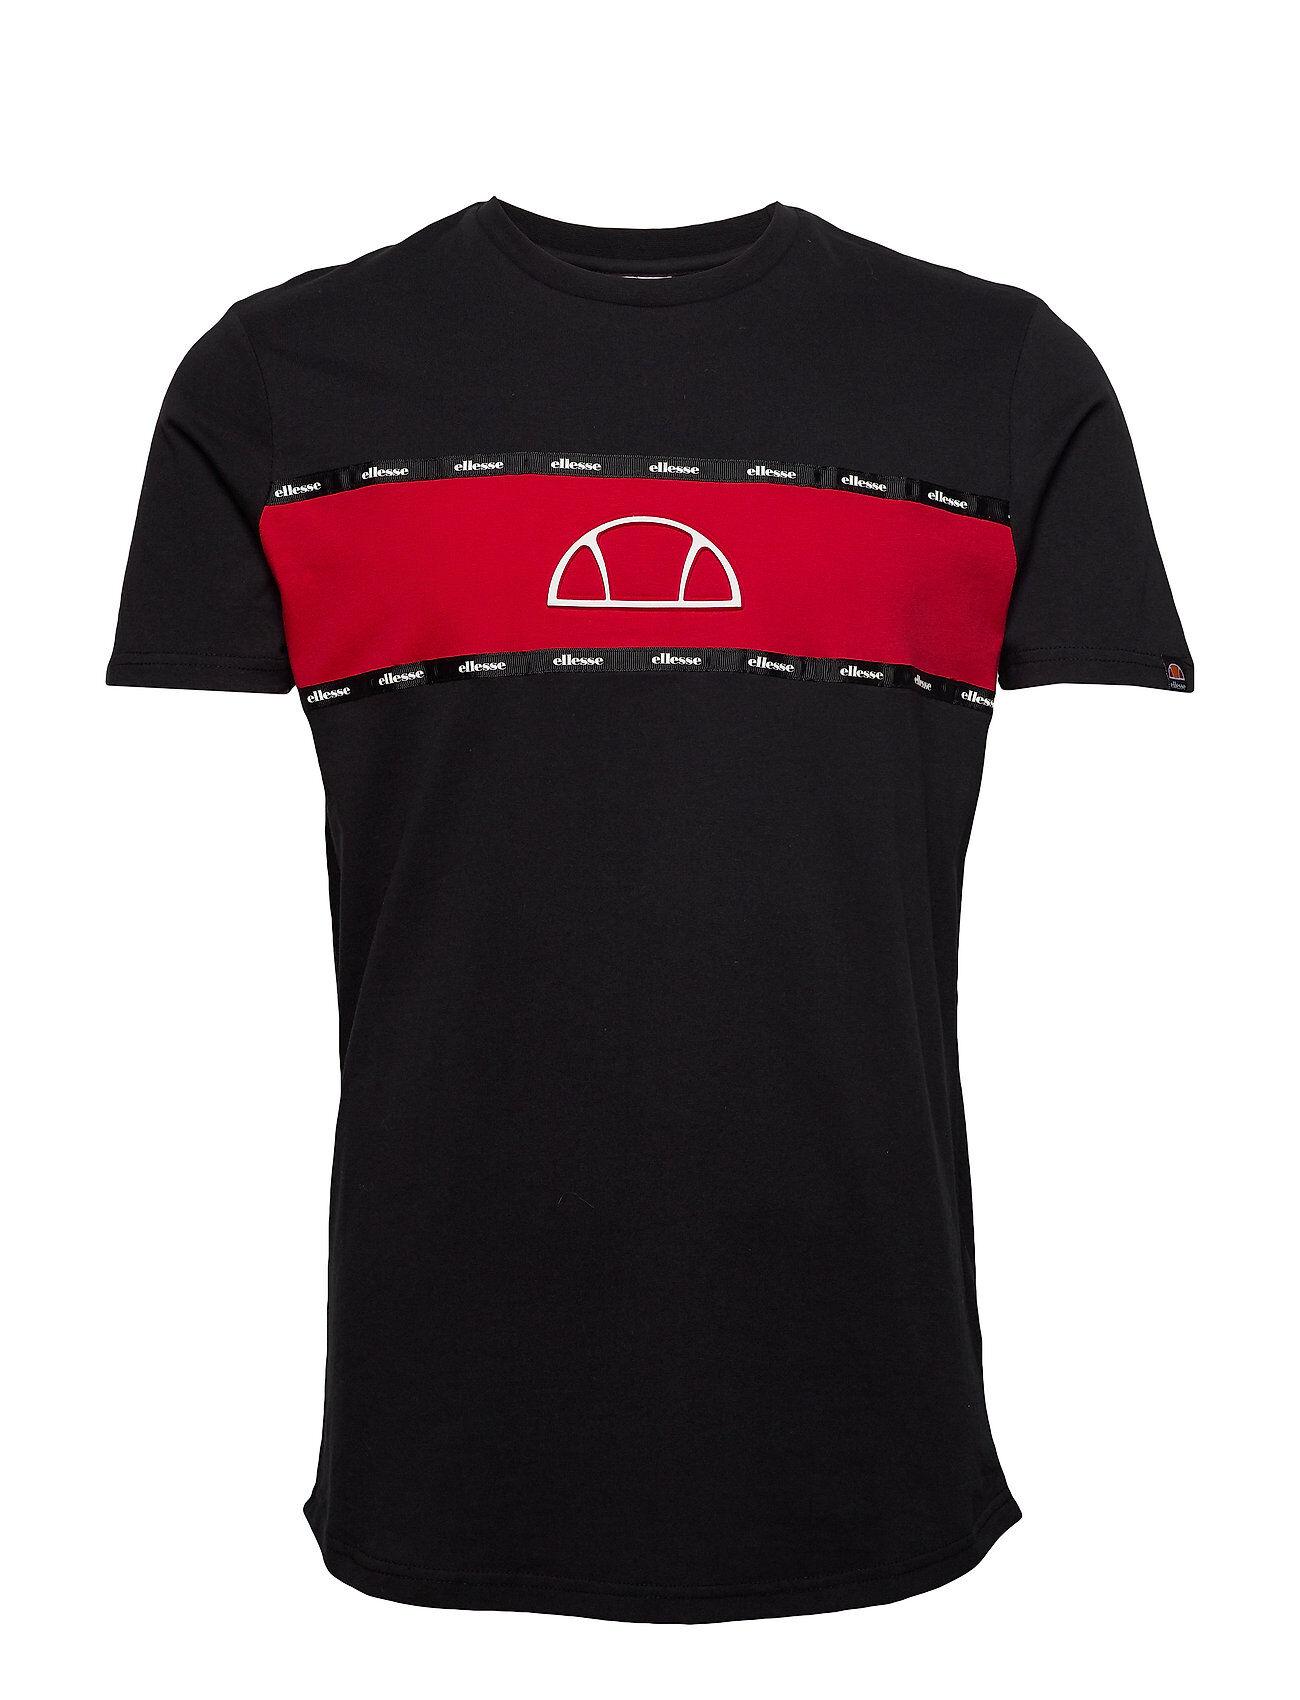 Ellesse El Sesia Tee T-shirts Short-sleeved Musta Ellesse